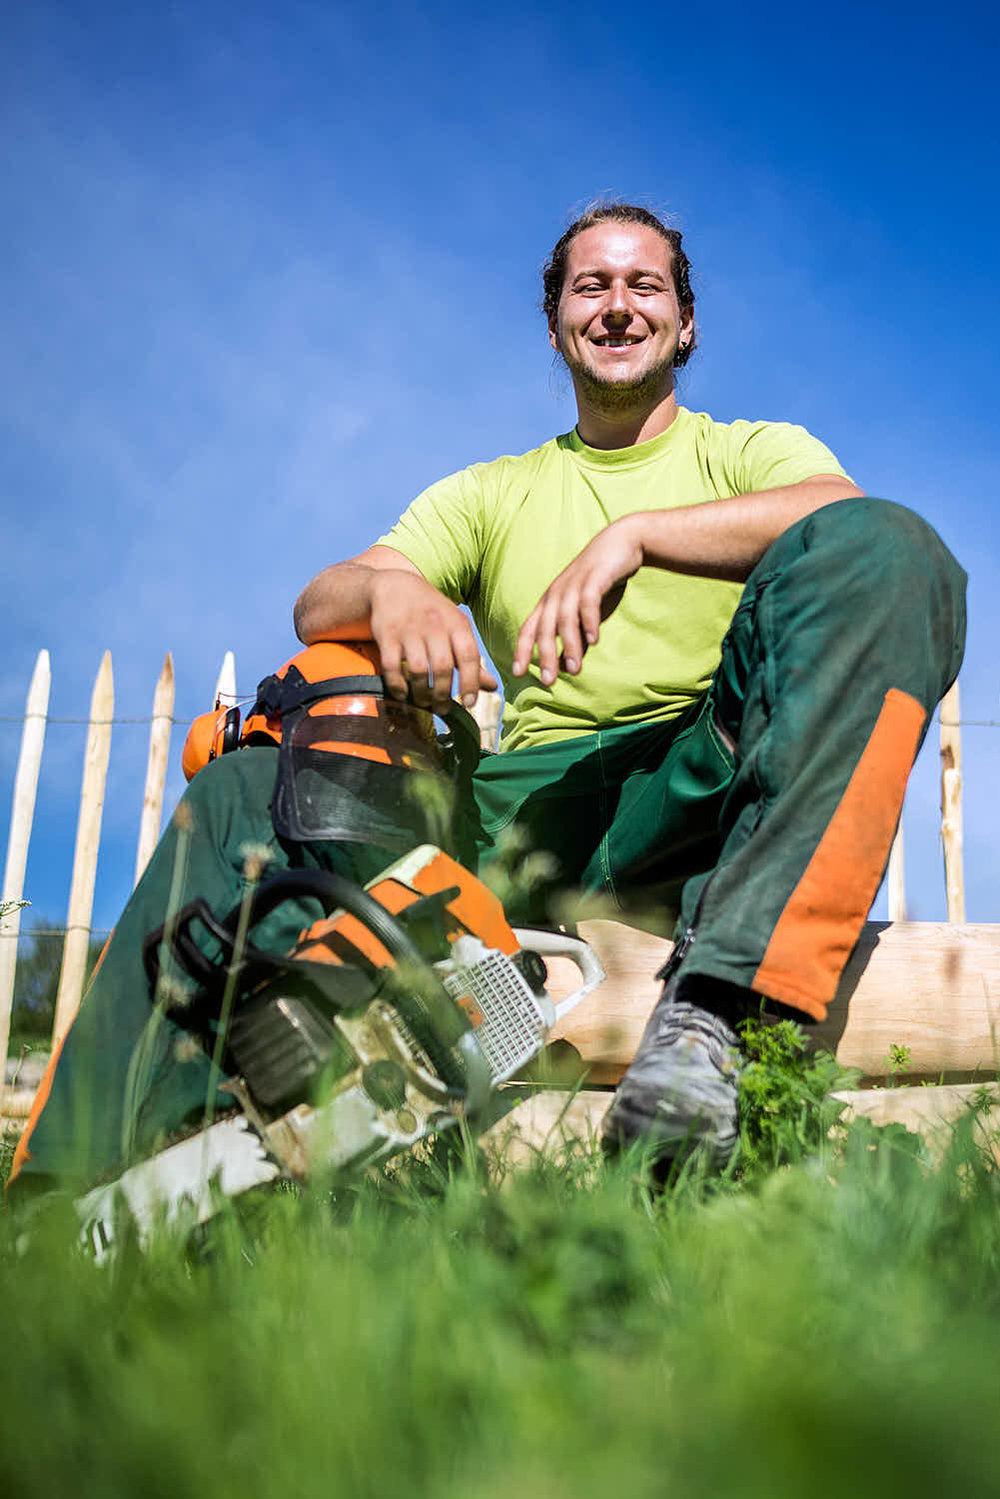 Florian Riesch Gartenbaufacharbeiter Kein Baum ist sicher vor Ihm.Bäume sind seine Leidenschaft.